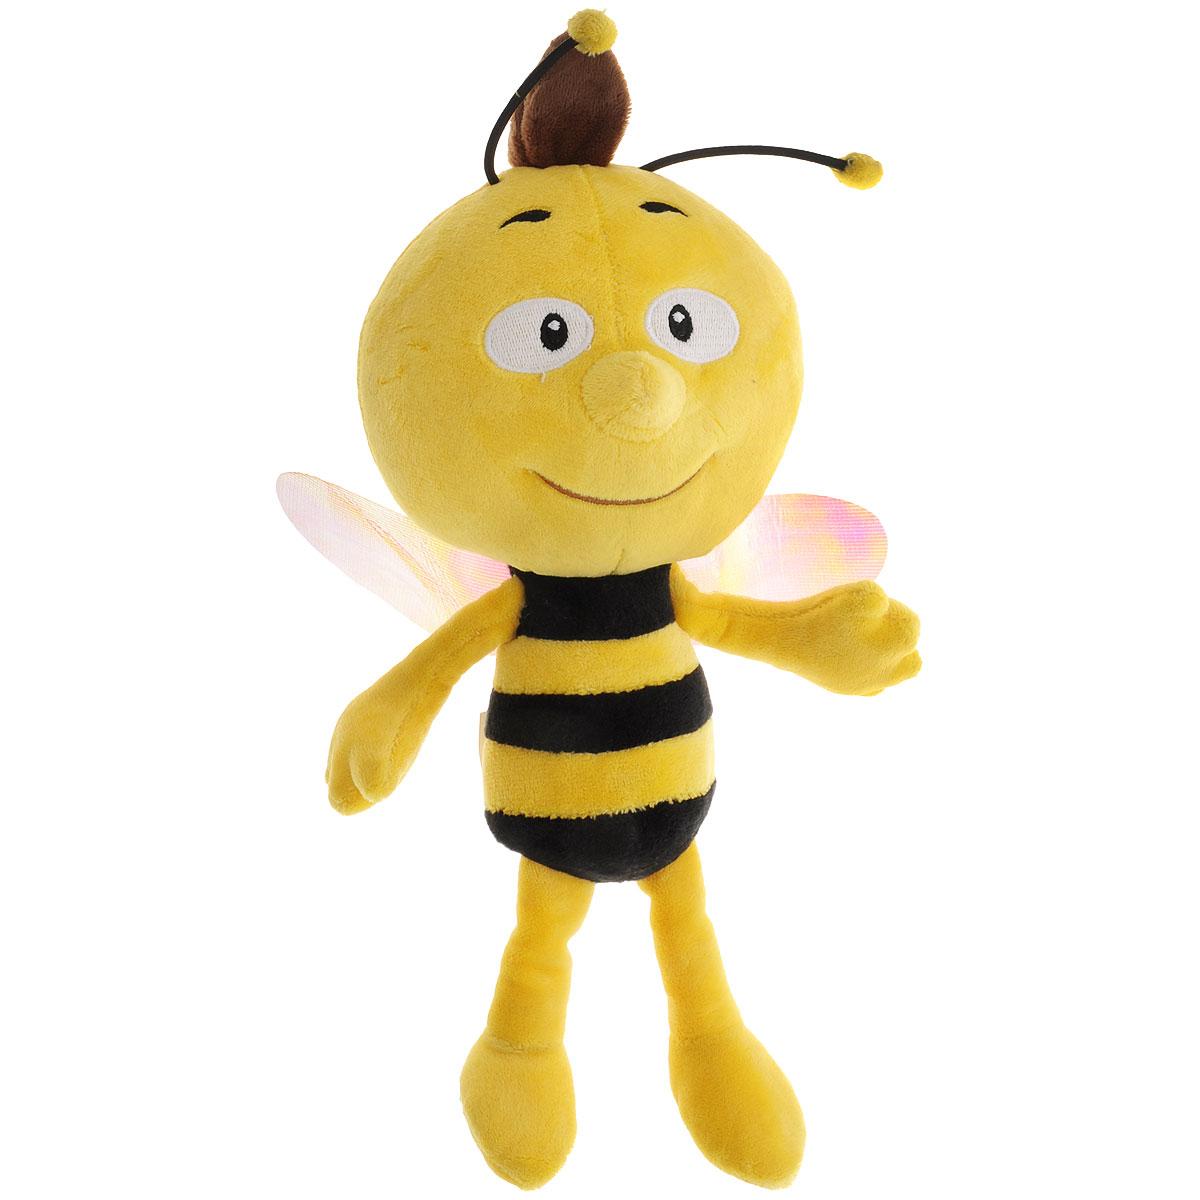 Мягкая озвученная игрушка Пчелка Майя Вилли, 30 смGT6452Забавная мягкая игрушка Пчелка Майя Вилли порадует и развеселит вас и вашего малыша. Изделие изготовлено из абсолютно безопасных и приятных на ощупь материалов в виде очаровательной пчелки Вилли с блестящими крылышками. Вилли - добродушный и ленивый трутень, лучший друг главной героини мультфильма Пчелка Майя, вместе с ней он убежал из улья. Именно ему она доверяет все свои тайны - ведь он никогда не подведет Удивительно мягкая игрушка принесет радость и подарит своему обладателю мгновения нежных объятий и приятных воспоминаний. Игрушка выполнена очень качественно и реалистично. Мягкая игрушка Вилли поет песенку из мультфильма и говорит фразы на русском языке голосом персонажа: Ну...меня зовут Вилли, Я не очень люблю учиться, поэтому когда Майя зовет меня погулять, я с удовольствием соглашаюсь, Мне так весело с Майей, Мы всегда находим чем заняться, Иногда на лугу бывает очень опасно, например, когда встречаешь огромную жабы, которая хочет тебя съесть, Майя всегда...